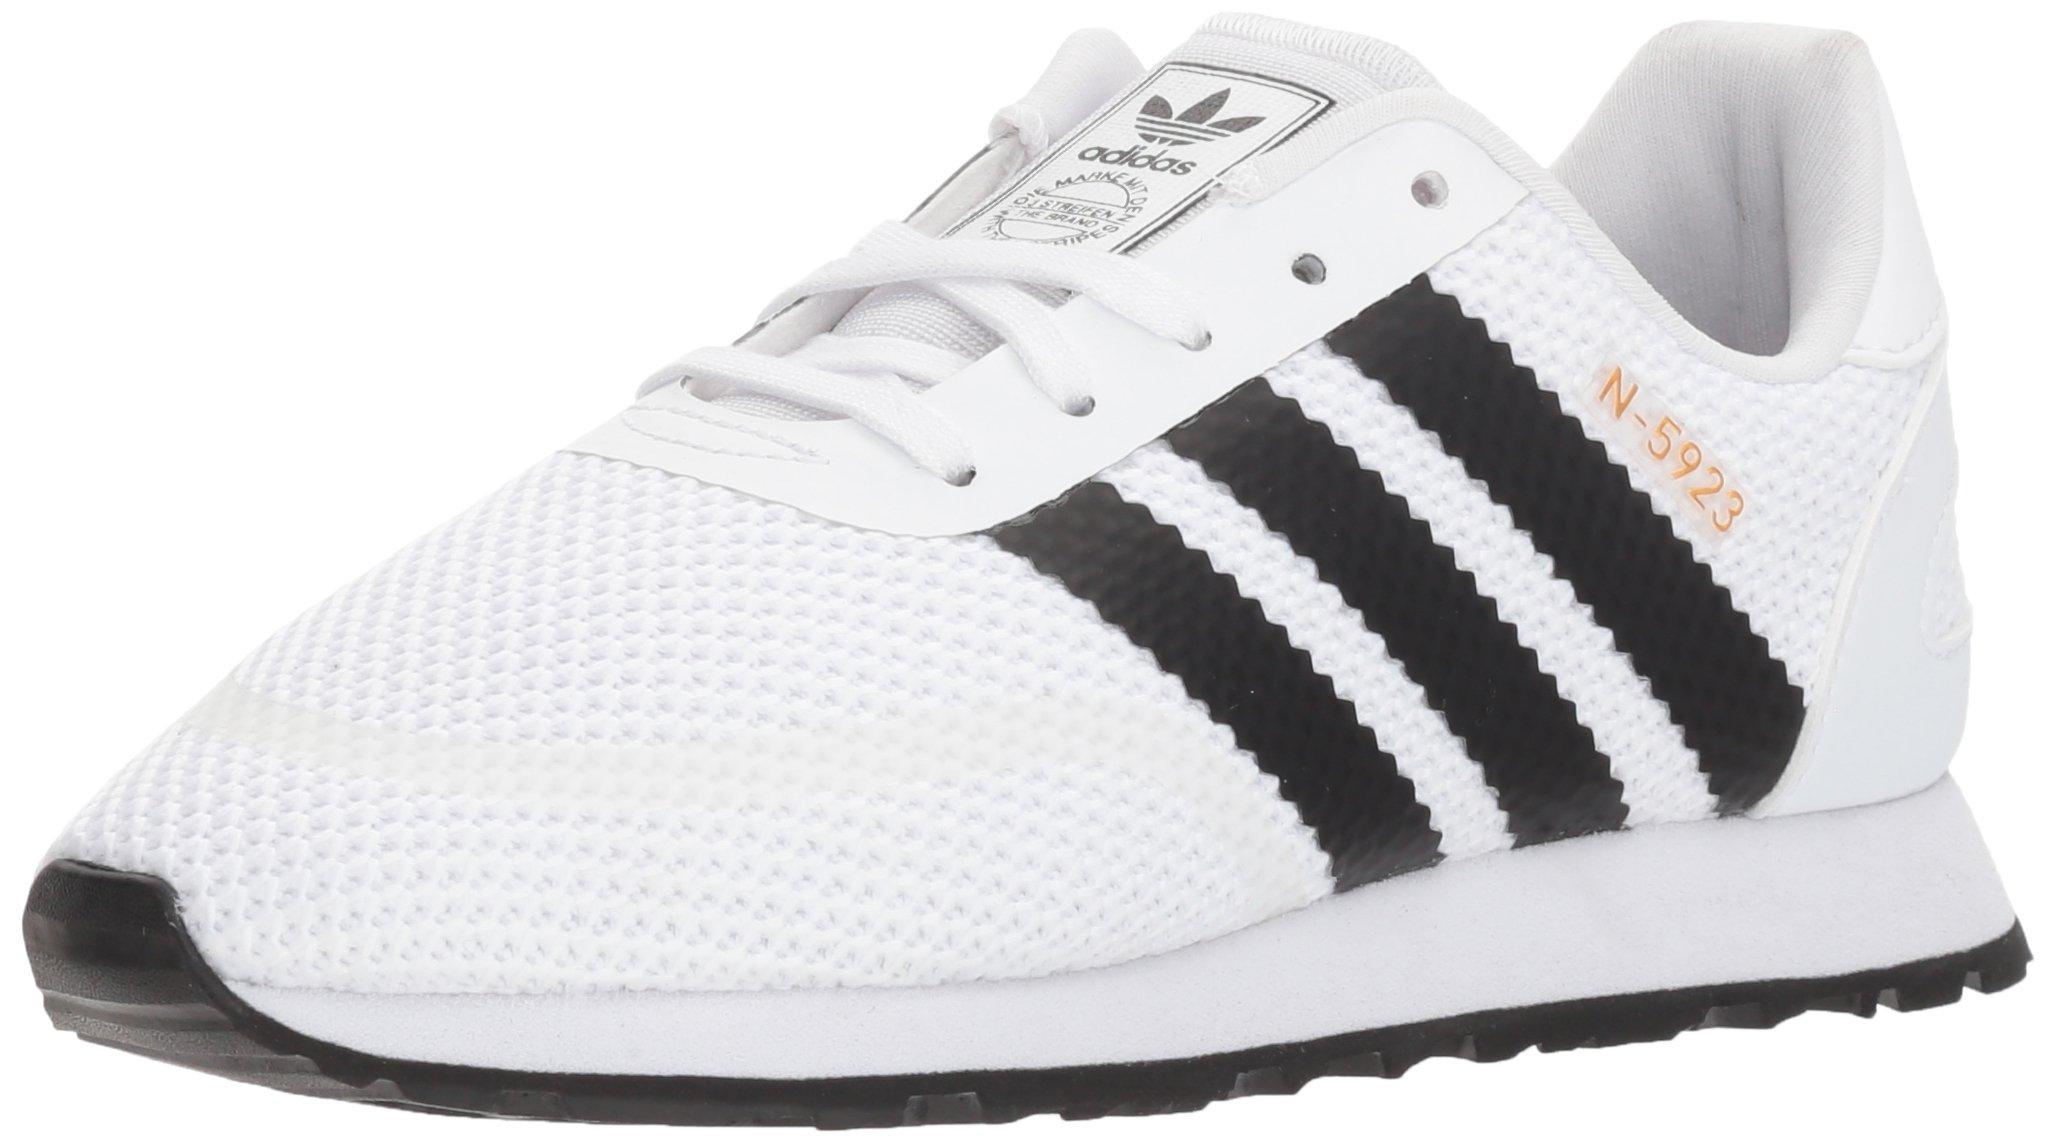 New Adidas Originals N-5923 Junior